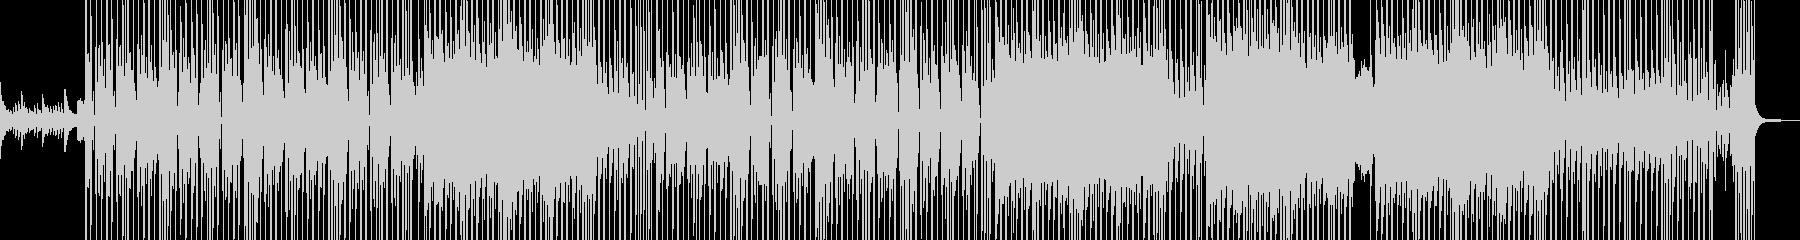 恋のビターエンドをイメージしたR&B aの未再生の波形